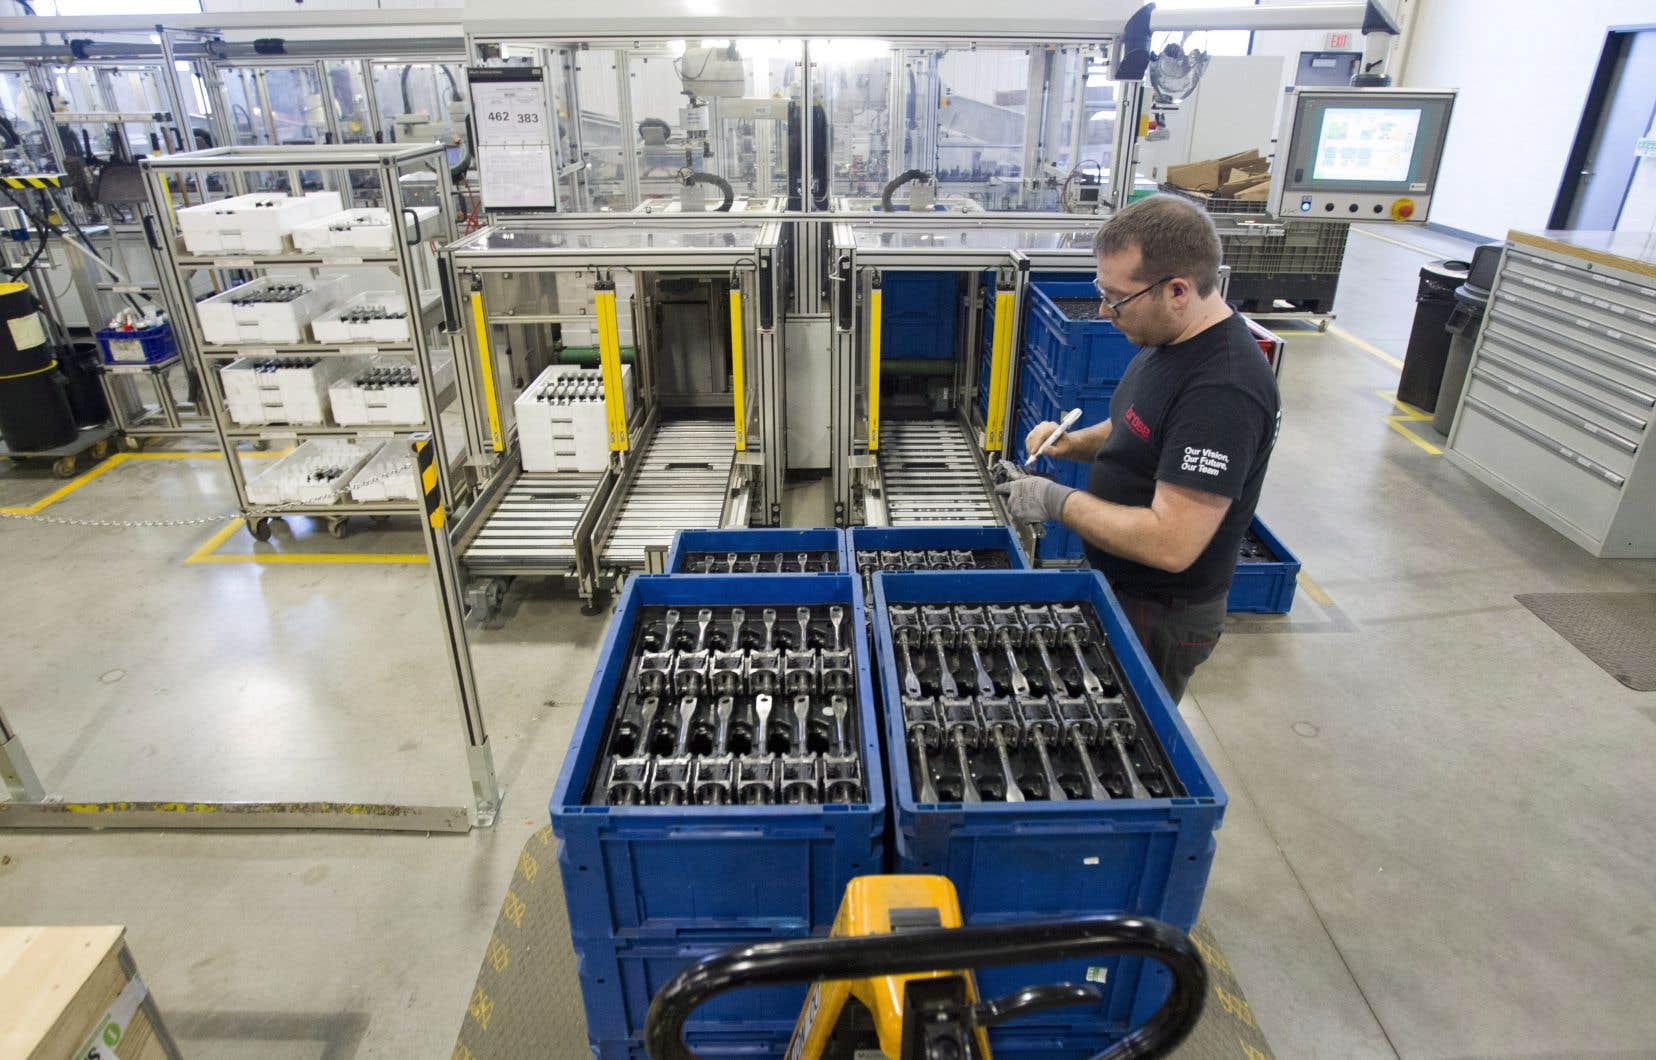 Selon les économistes, le virage technologique des entreprises québécoises ne doit pas être vu comme une menace par les travailleurs.